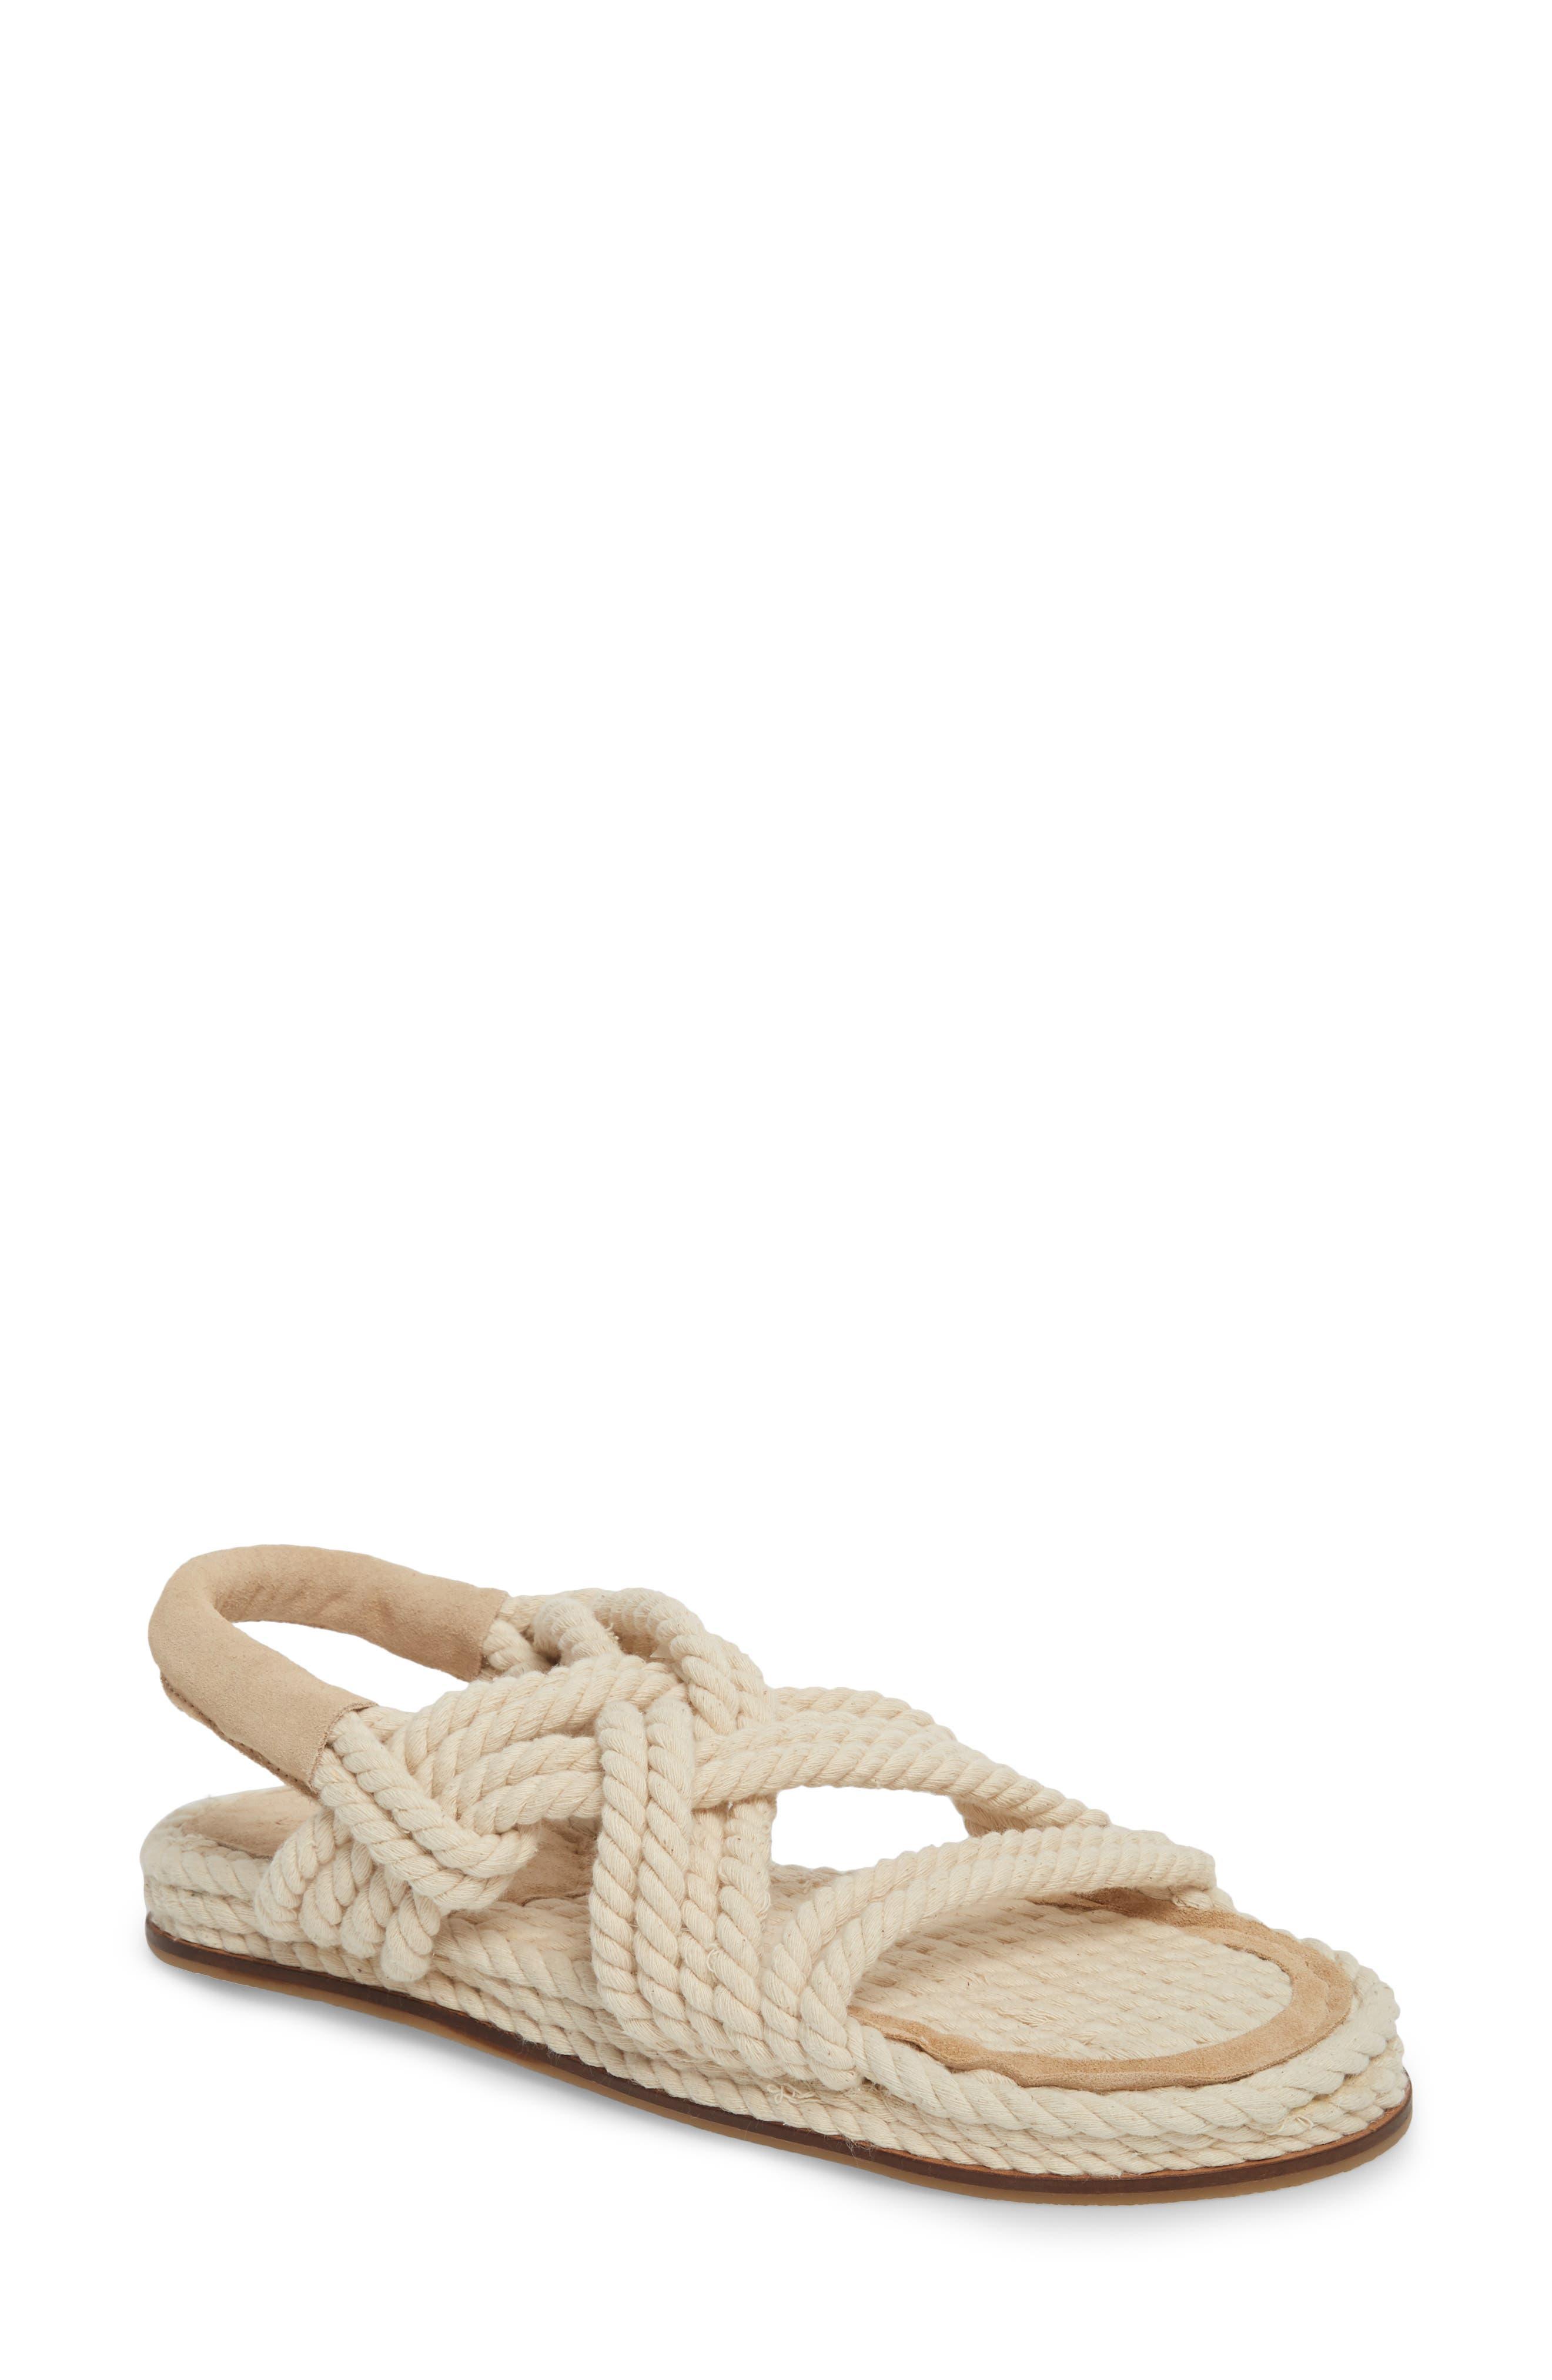 Fiesta Rope Flat Sandal,                         Main,                         color, Nude